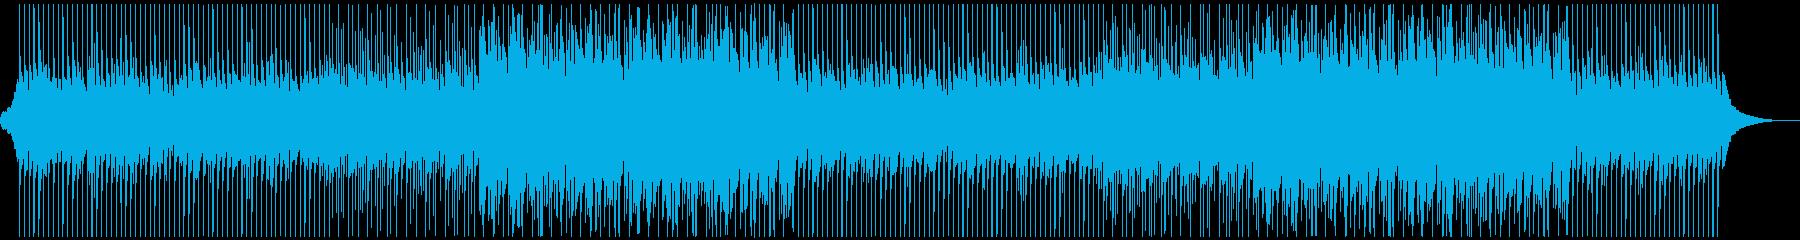 穏やかなポップ アコースティックギターの再生済みの波形